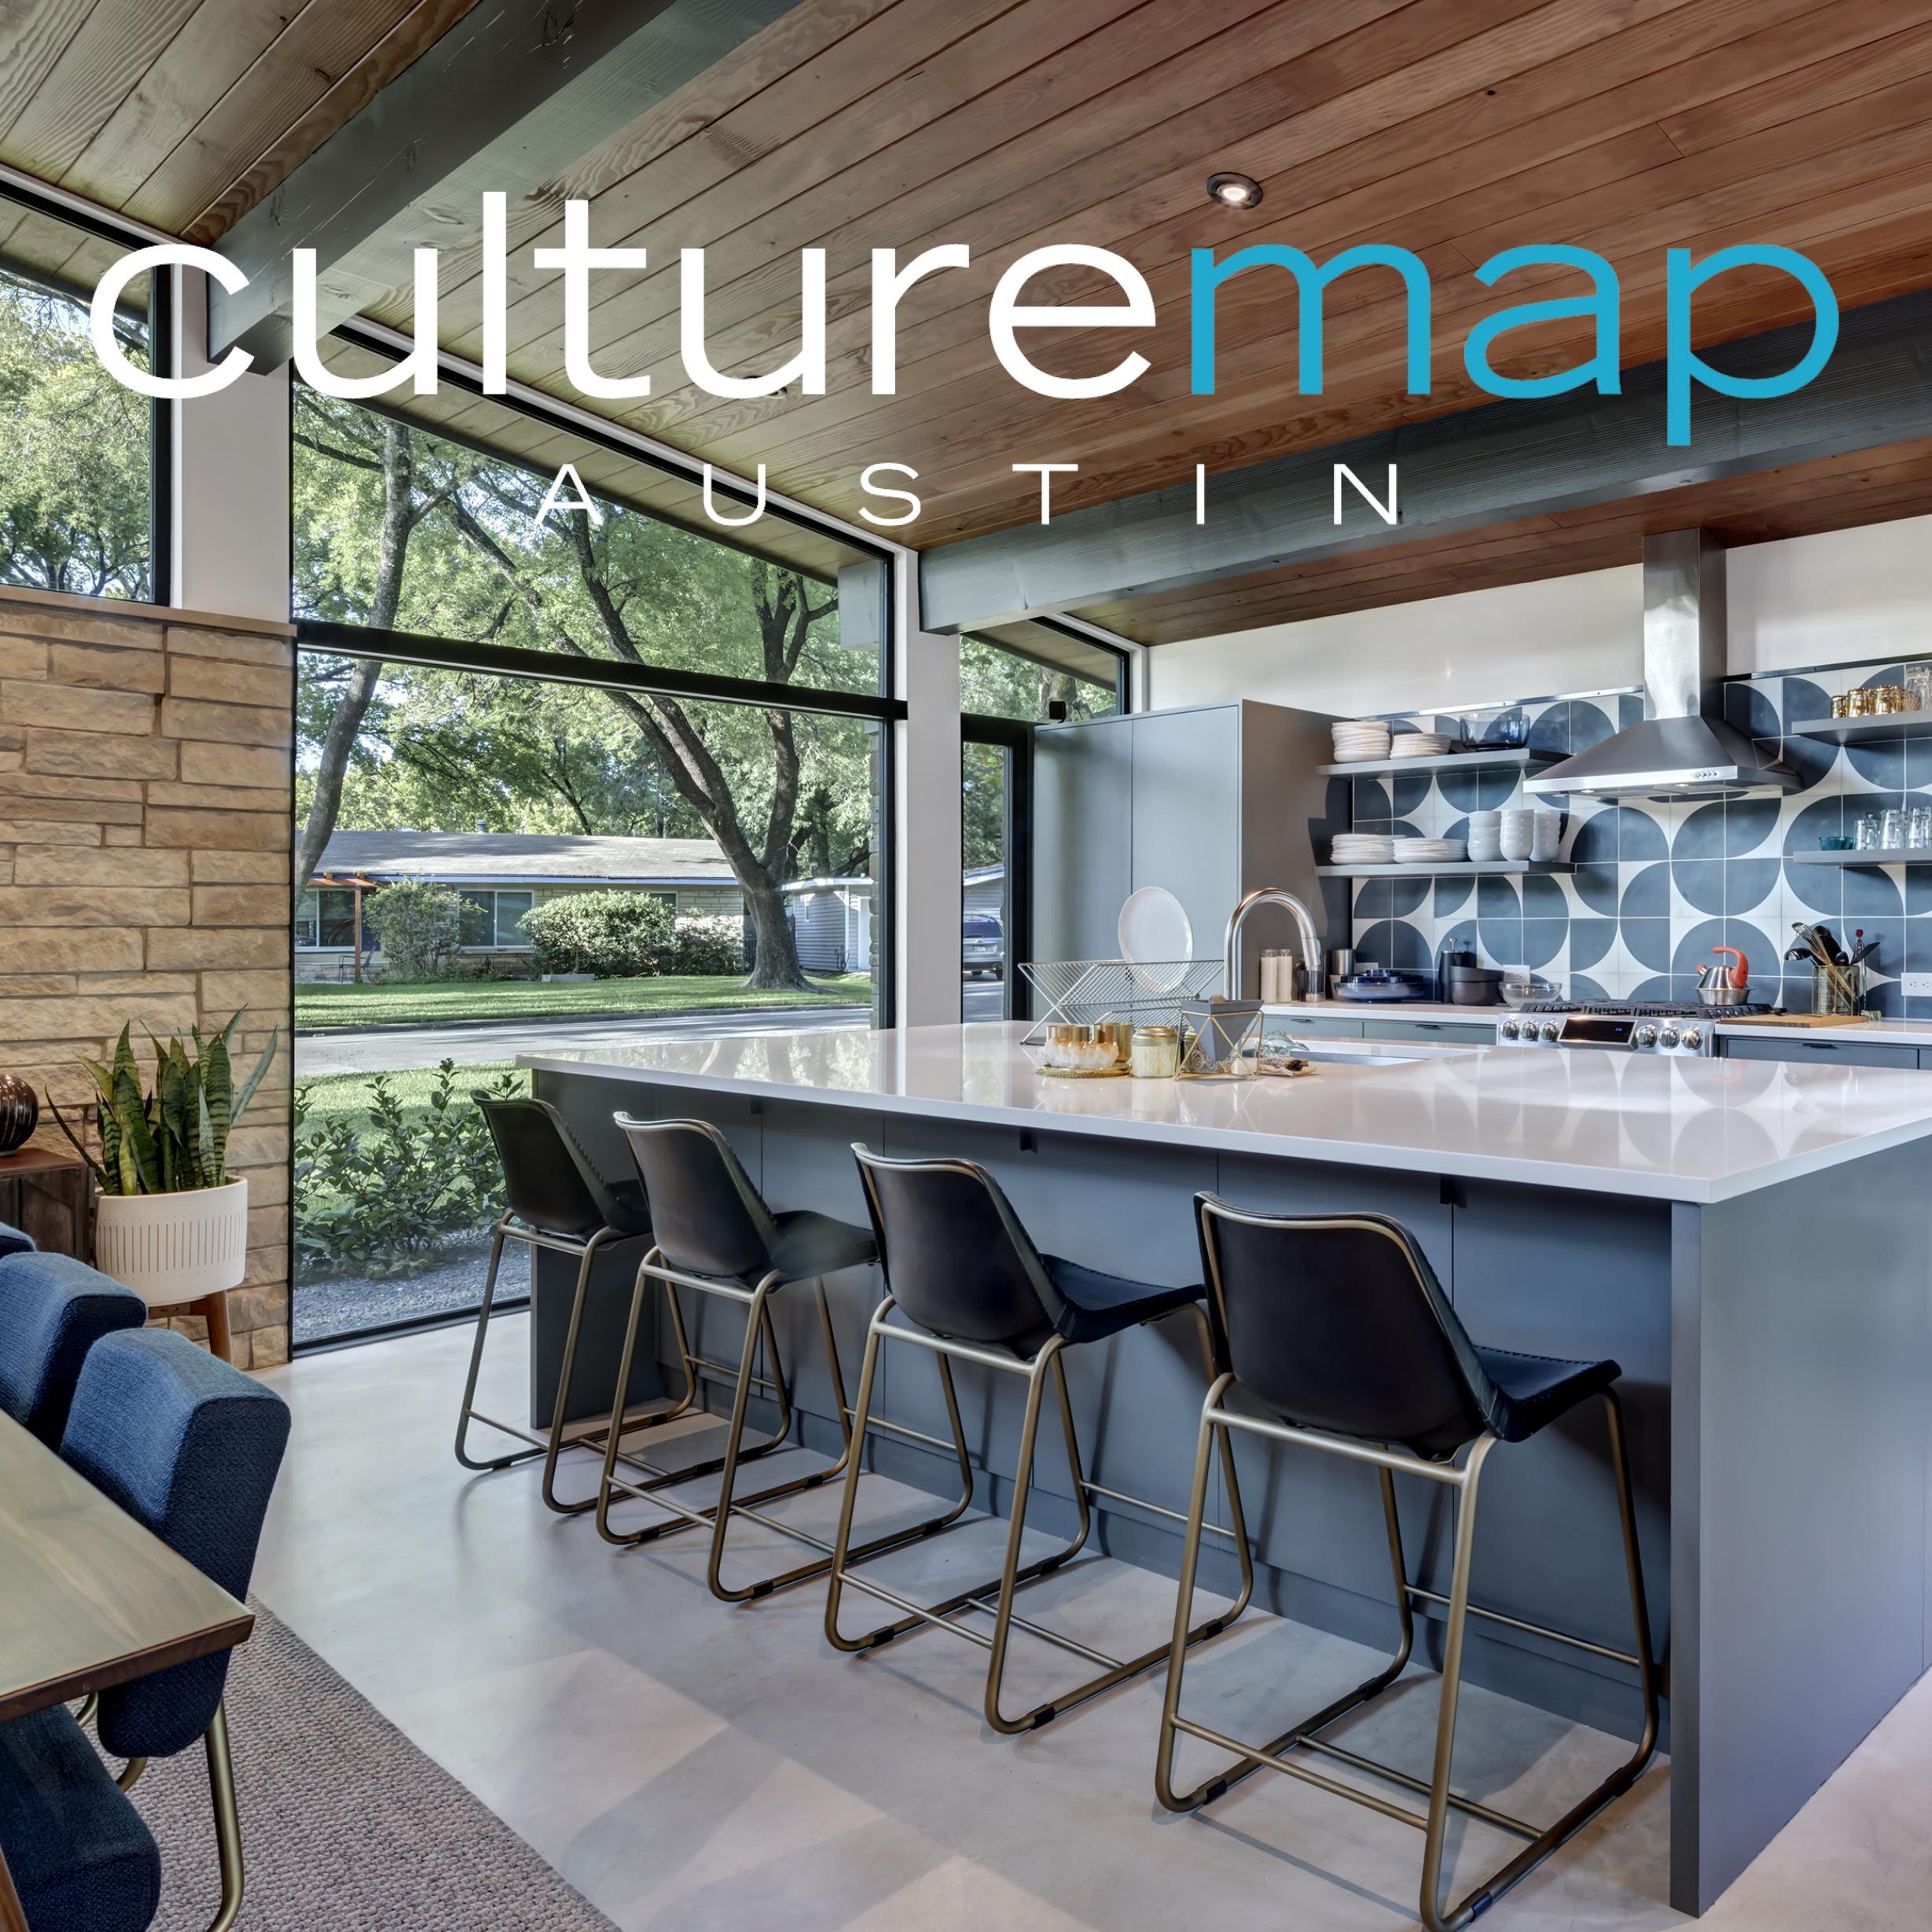 Culture map Austin_2018_09_Re-Open